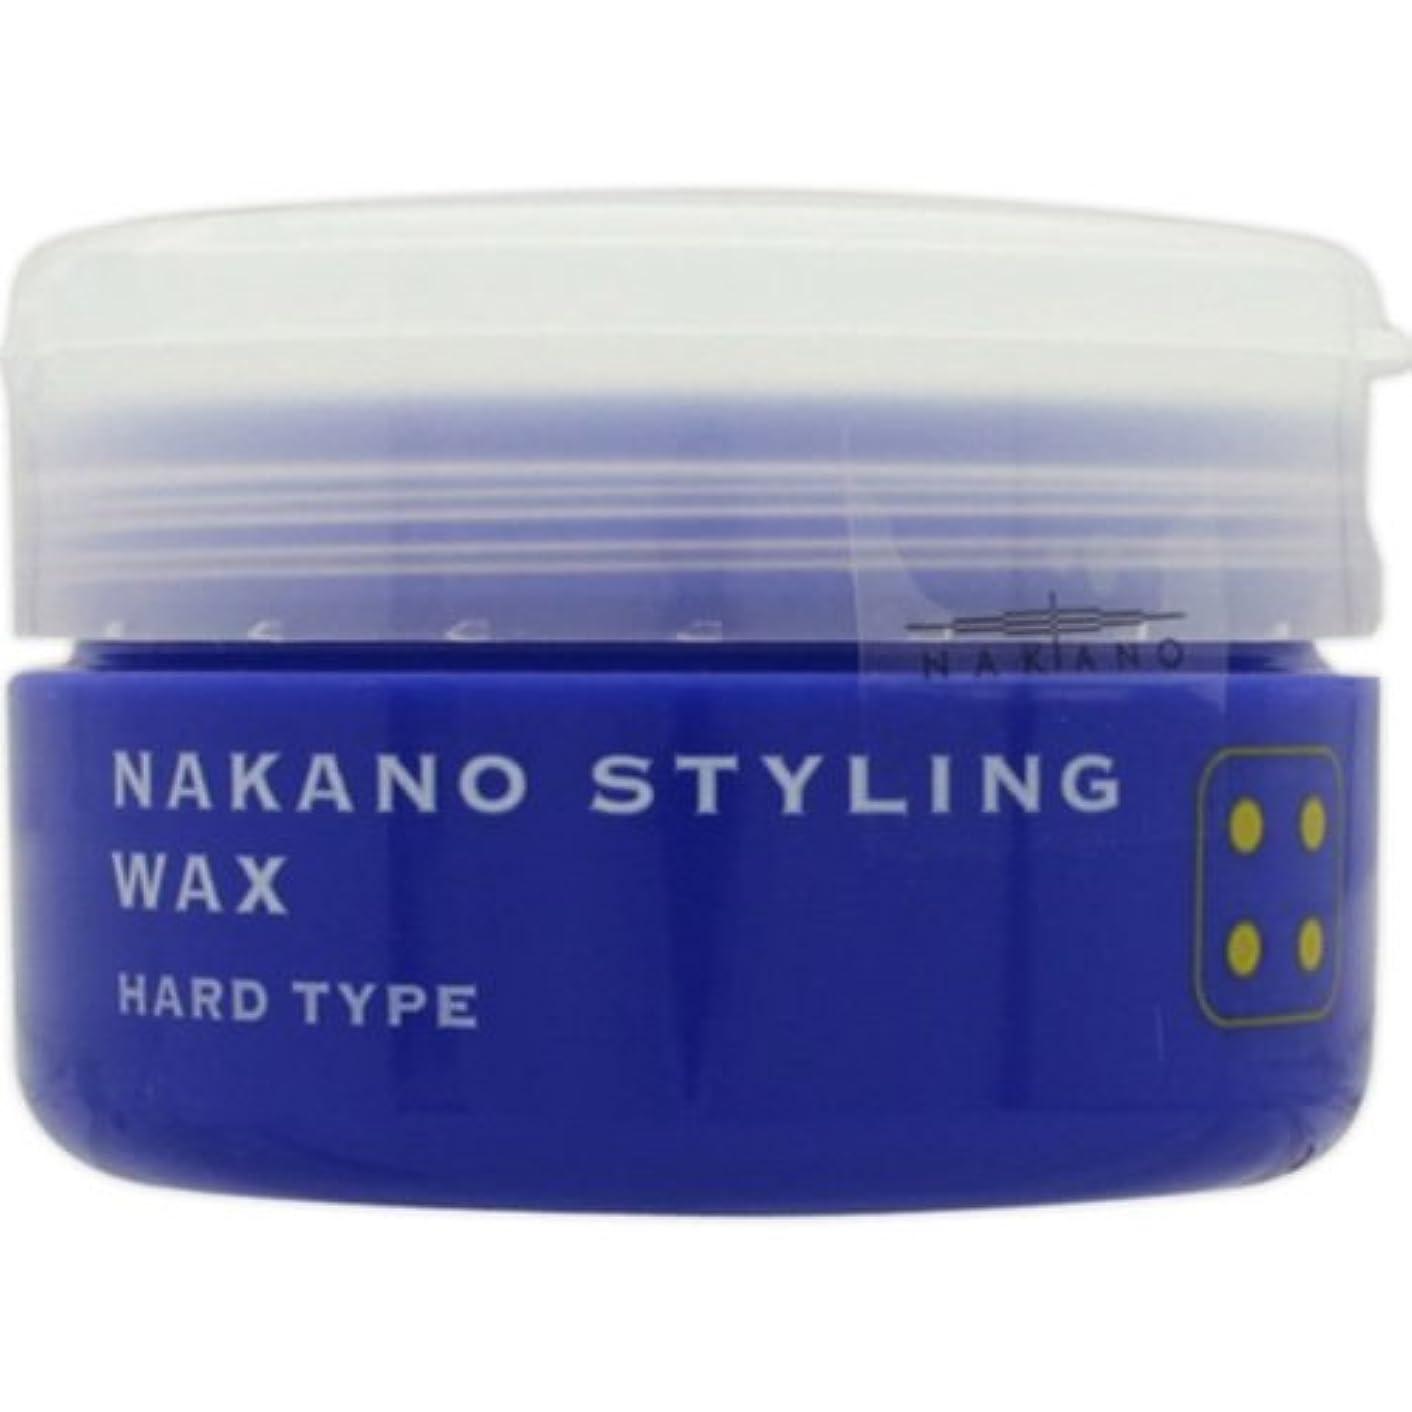 最小コイルシャーロットブロンテナカノ スタイリングワックス 4 ハードタイプ 90g 中野製薬 NAKANO